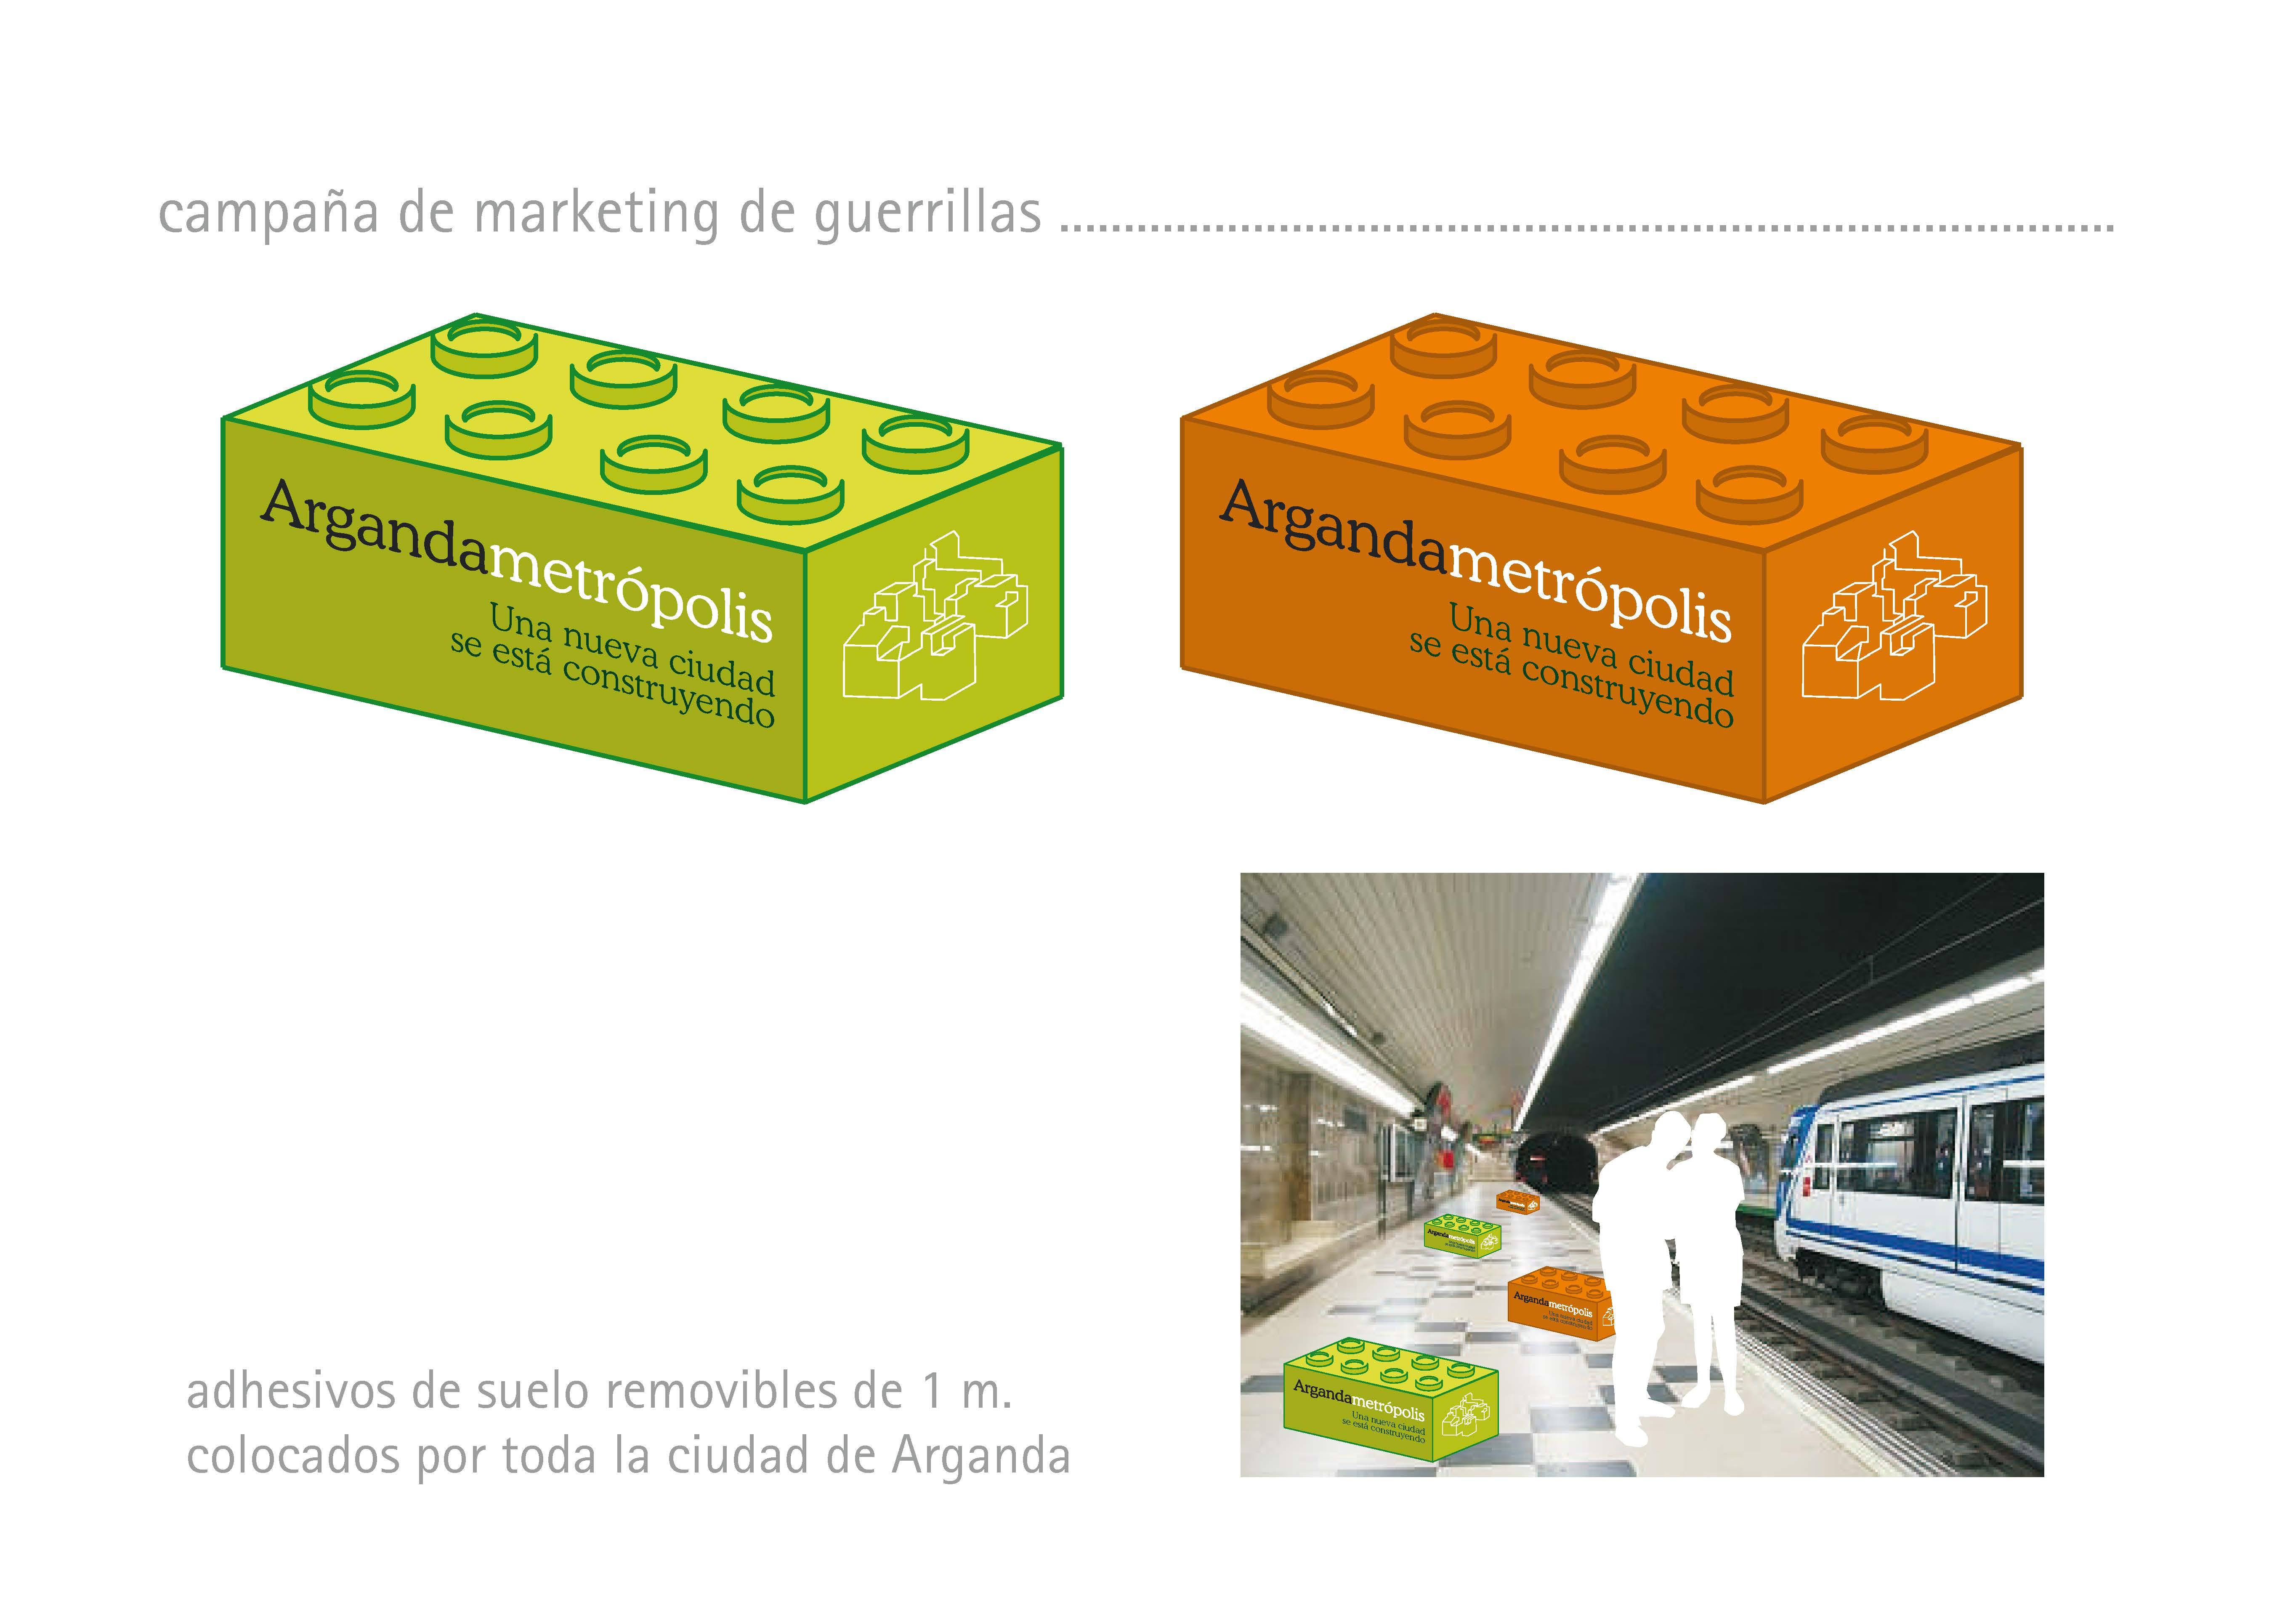 IC_Logo_e_imágen_Arganda_Metropolis_(6).jpg